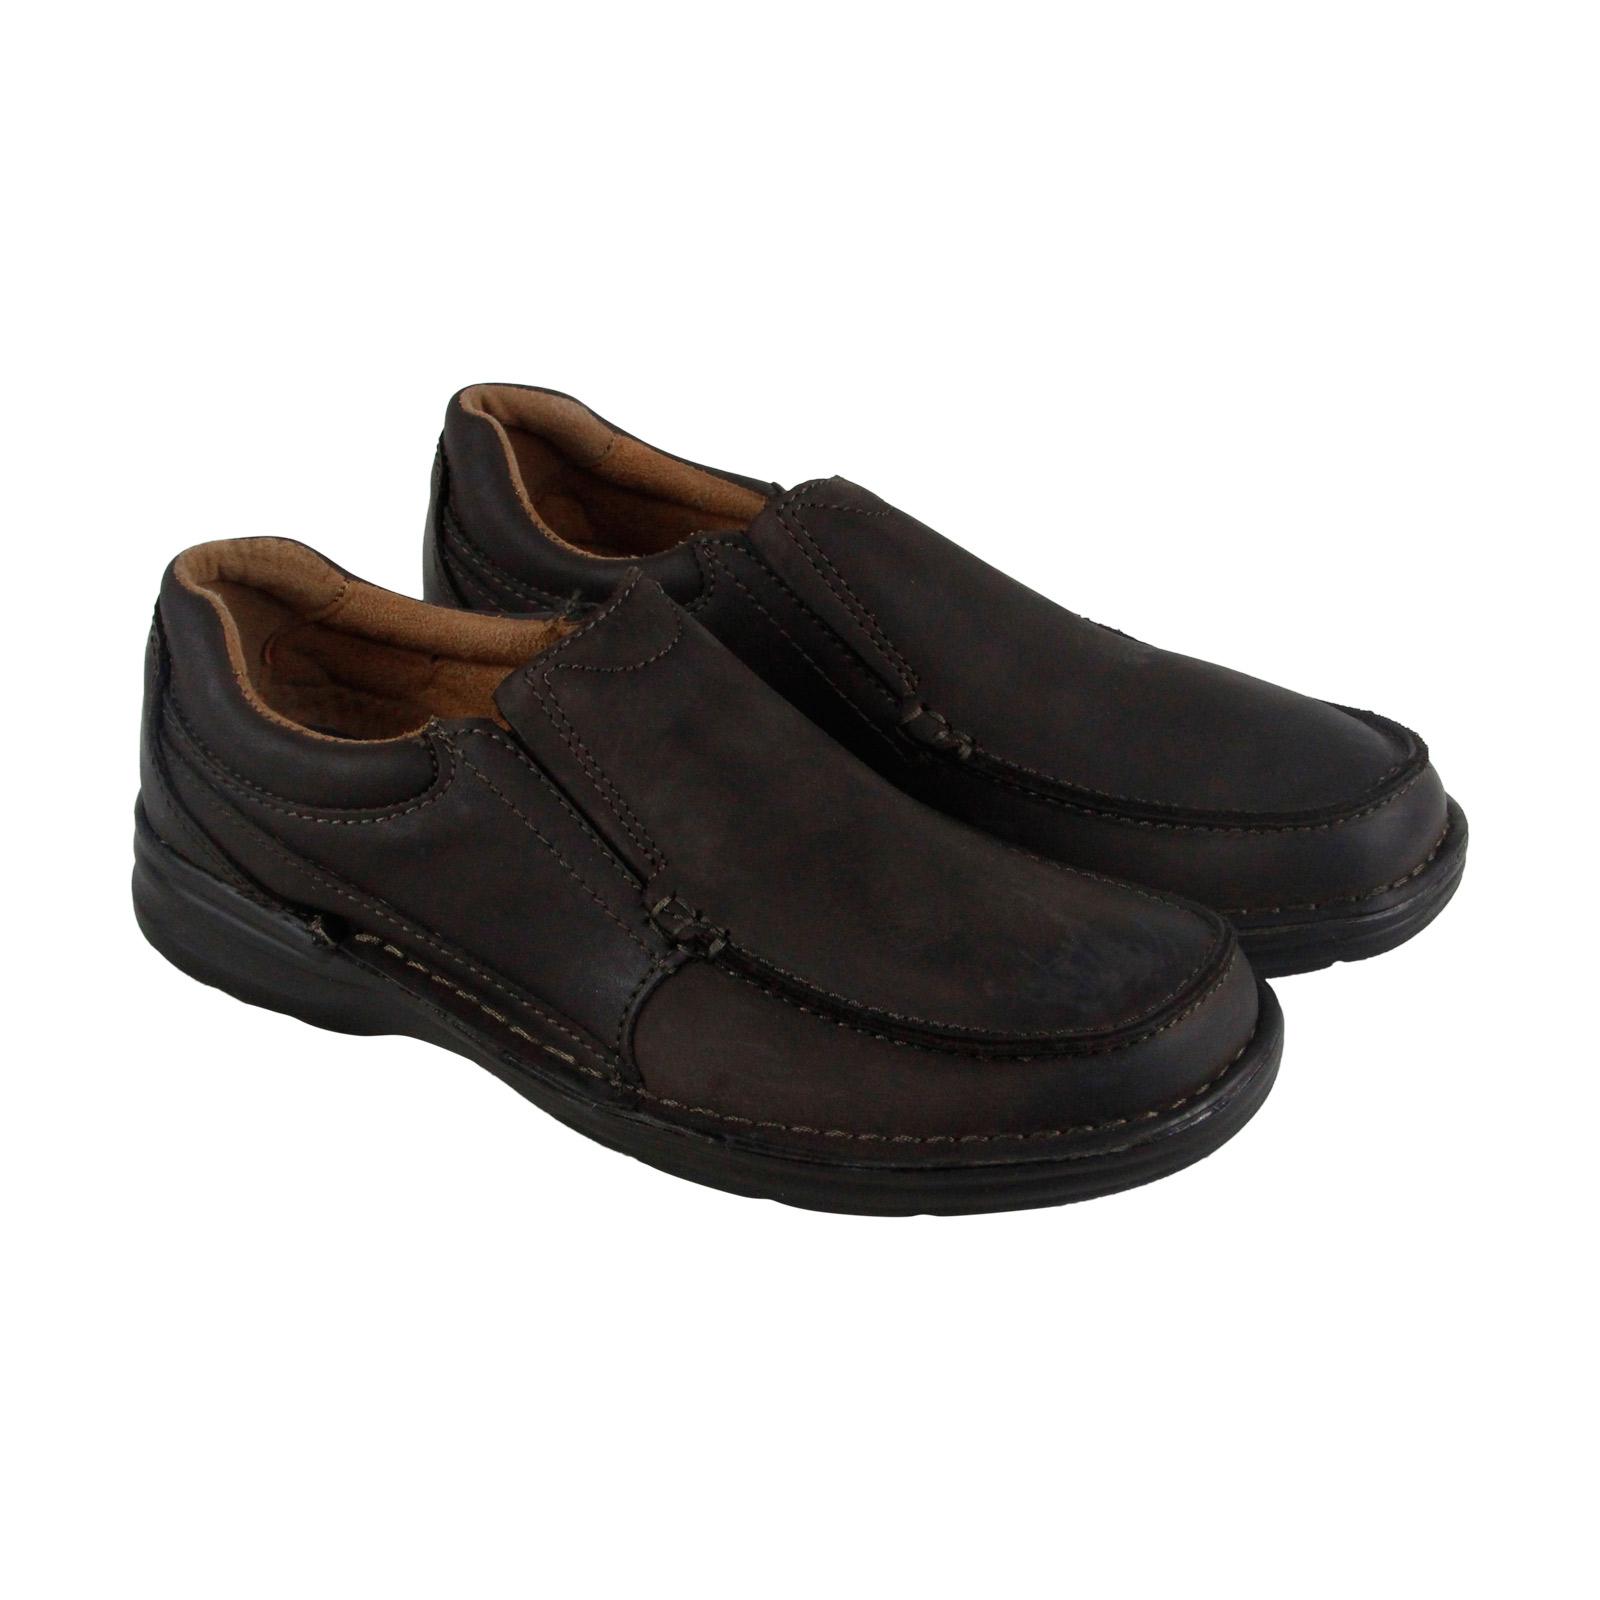 Nunn Bush Patterson Mens Brown Leather